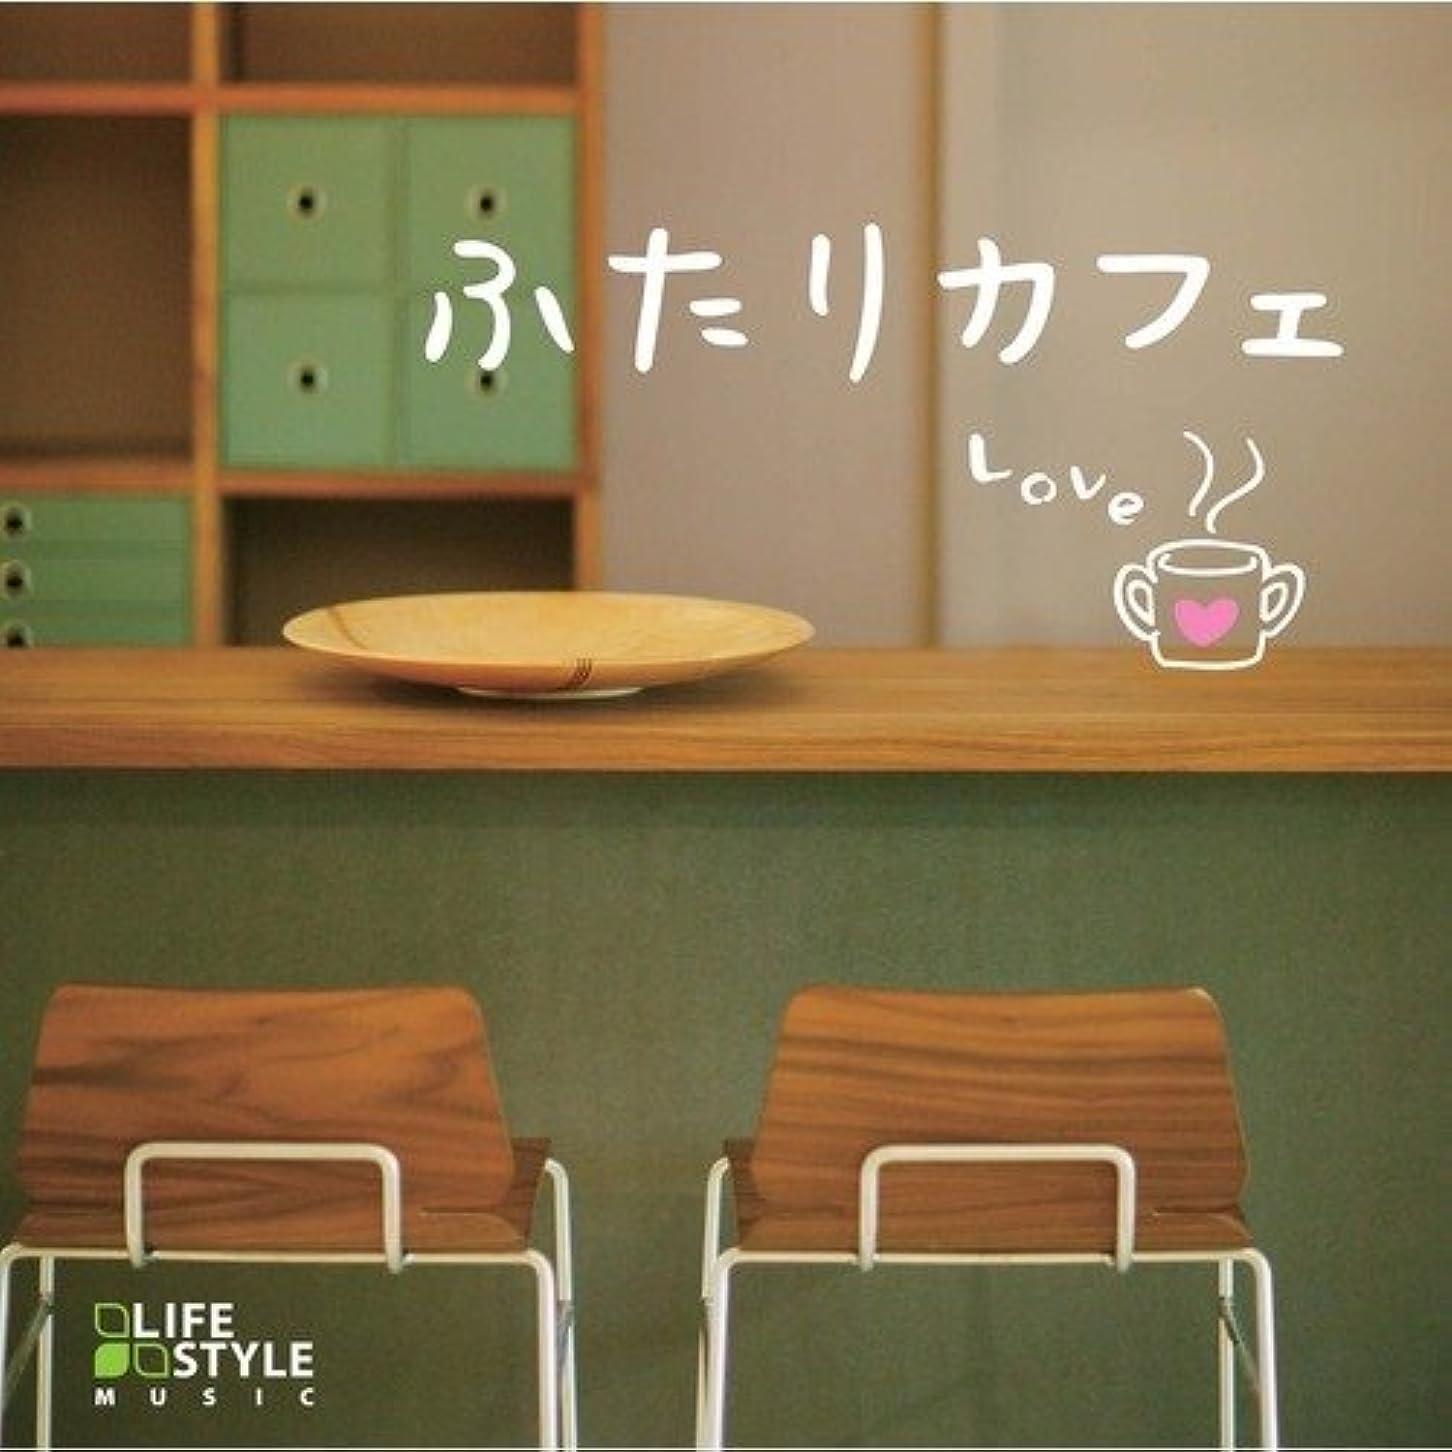 毎週無駄悪化するデラ ふたりカフェ?LOVE DLDH-1858